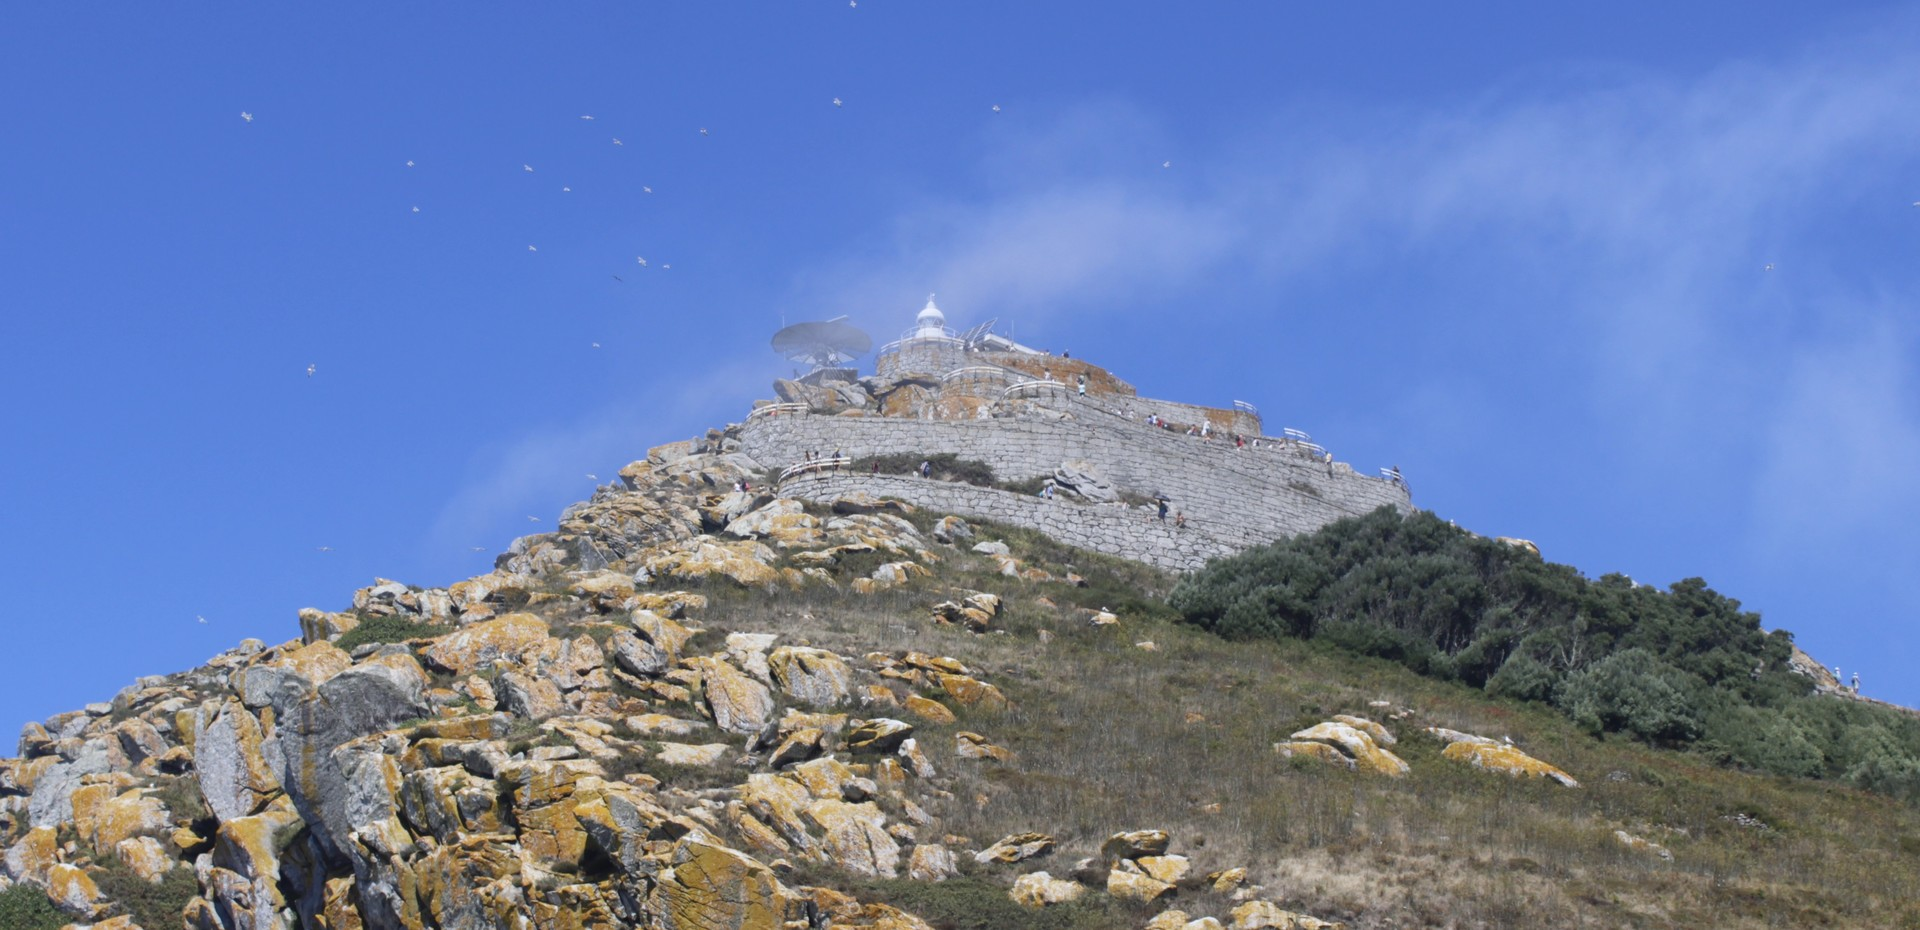 islas-ci-ruta-monte-faro-1370d3f1346fc18